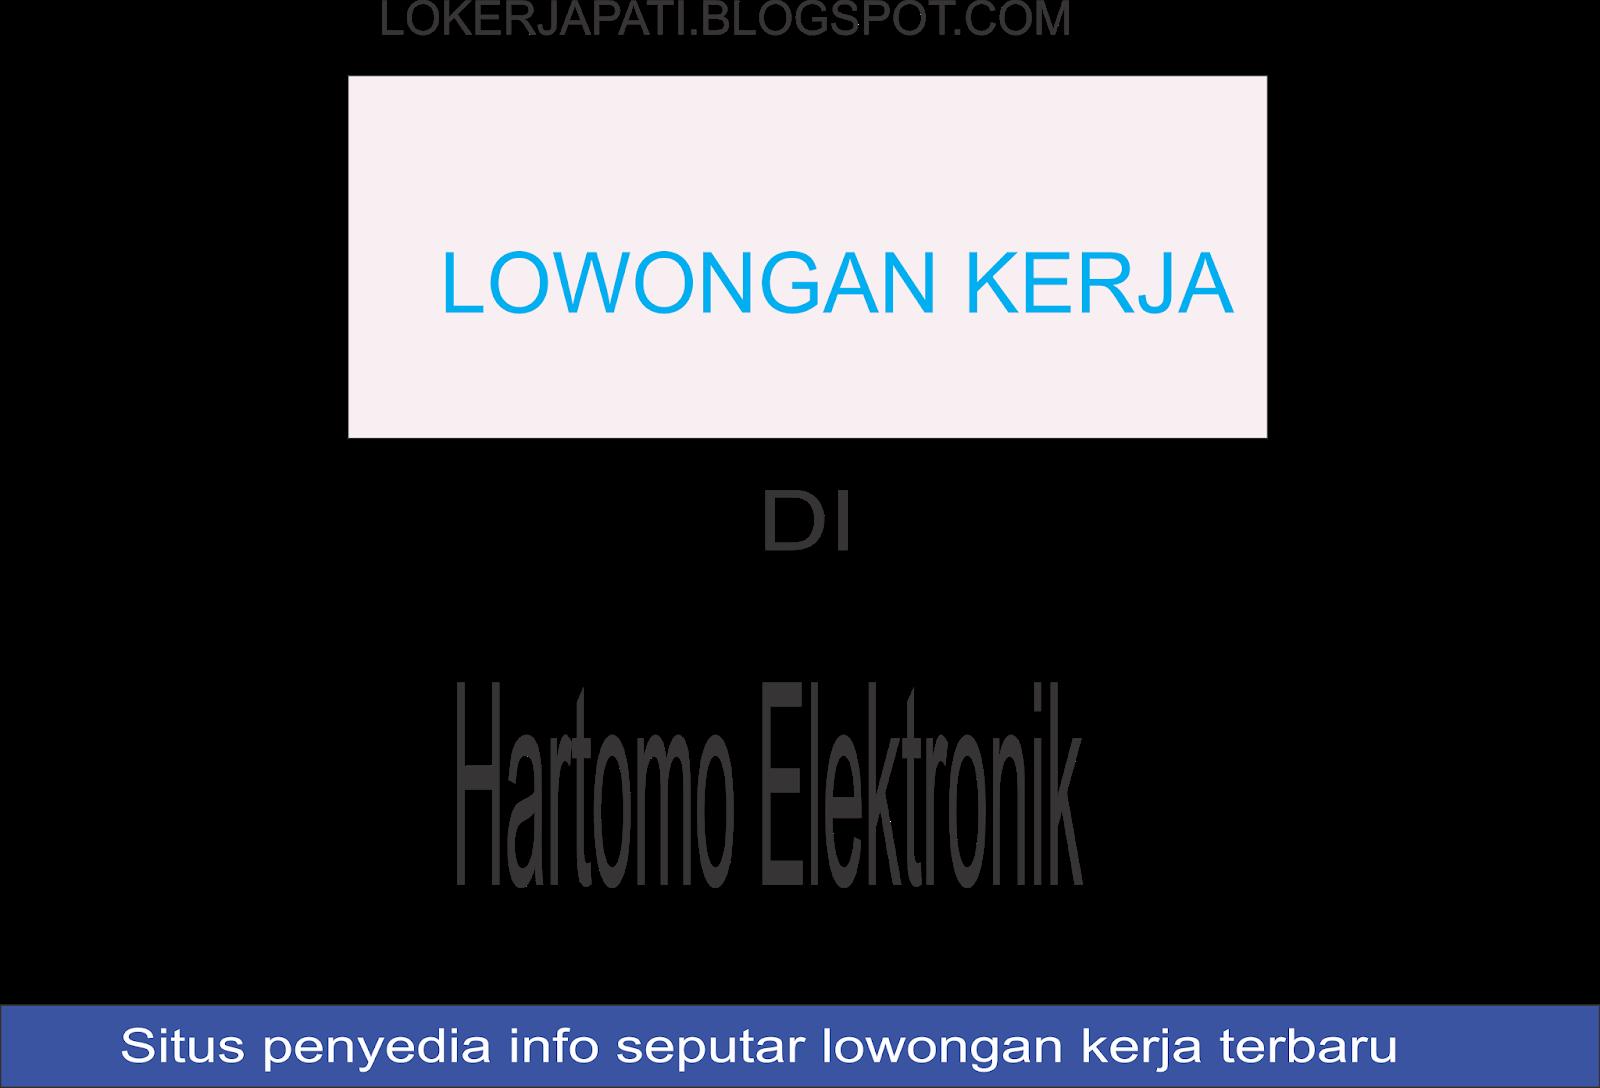 Lowongan Kerja Terabru Di Hartono Elektronik Malang Seputar Info Lowongan Kerja